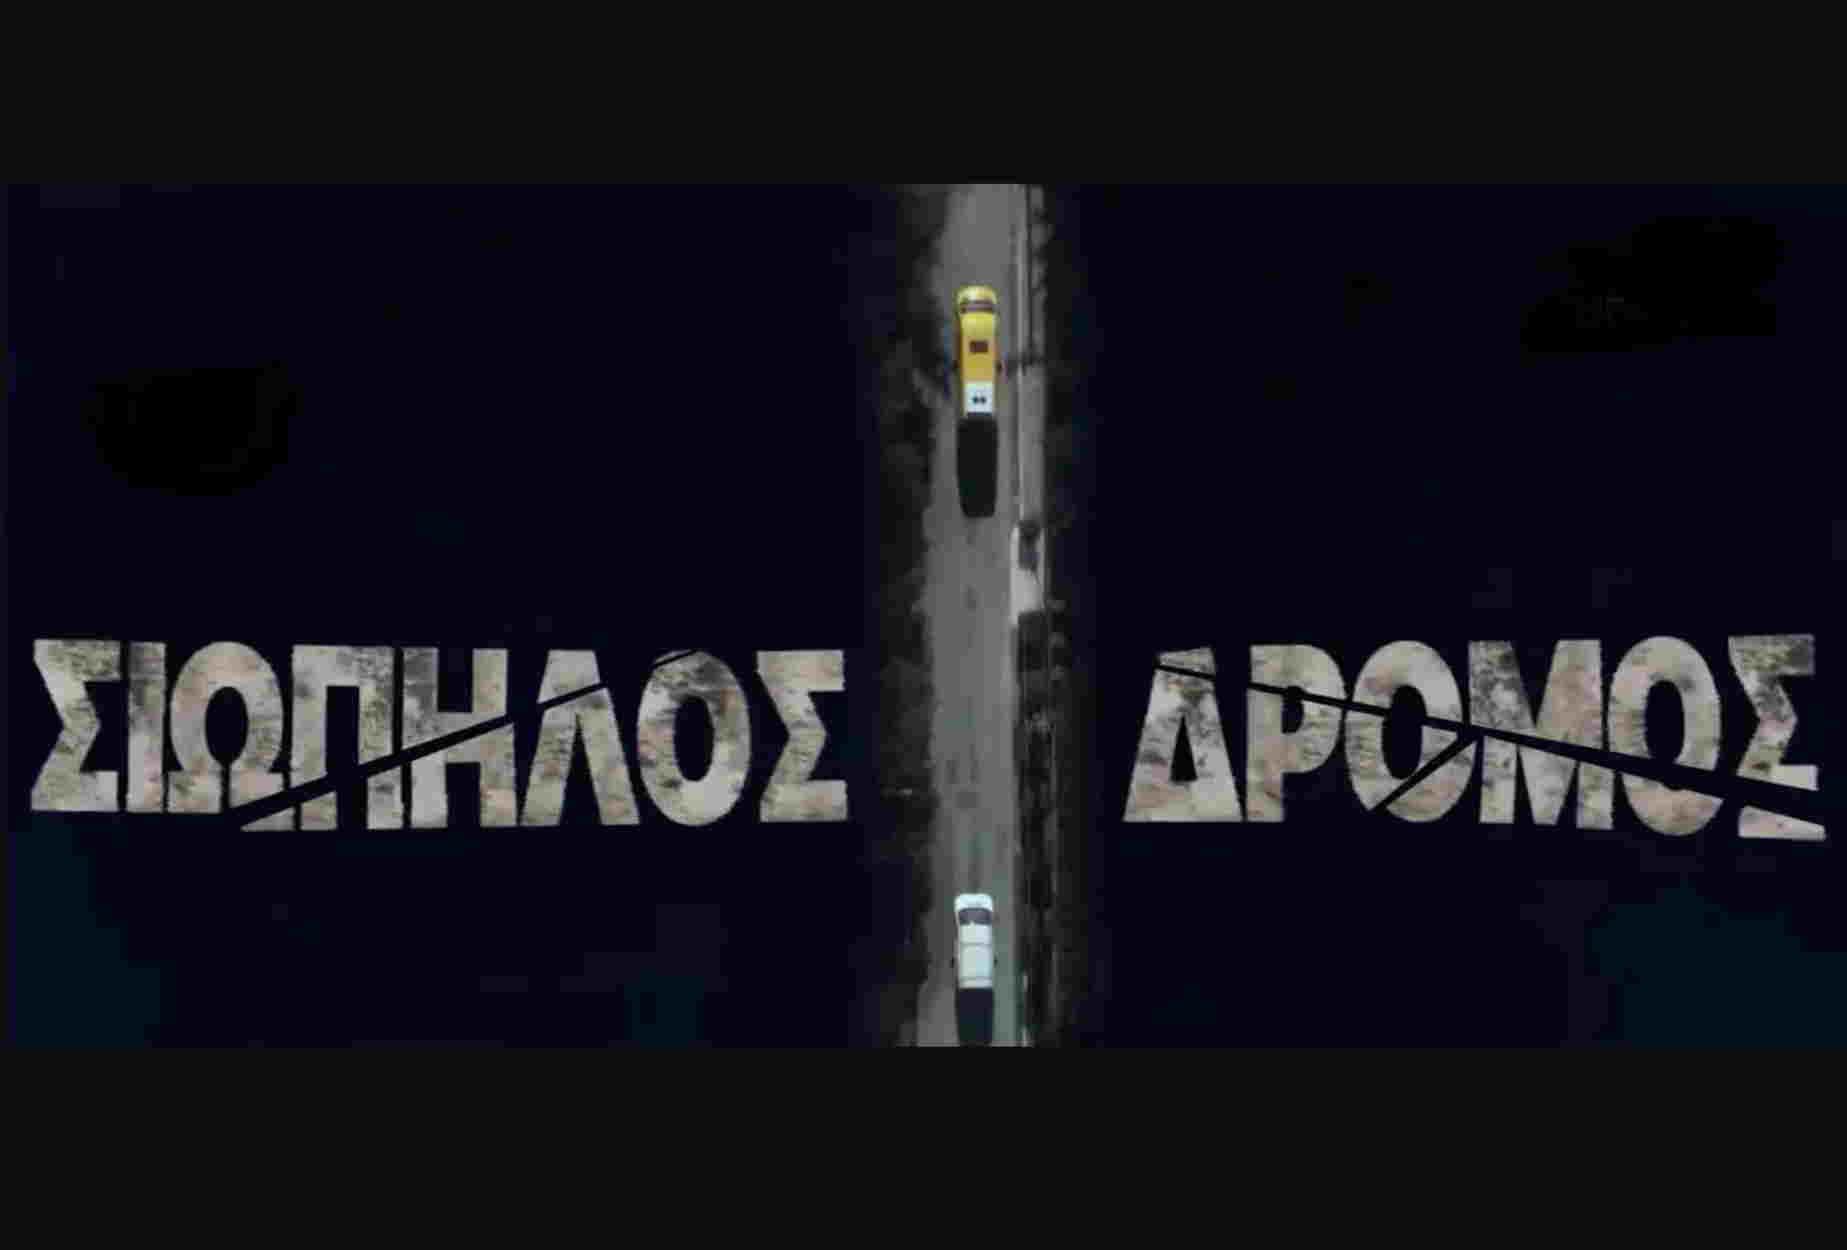 «Σιωπηλός Δρόμος»: Η νέα συγκλονιστική δραματική σειρά του MEGA κάνει πρεμιέρα